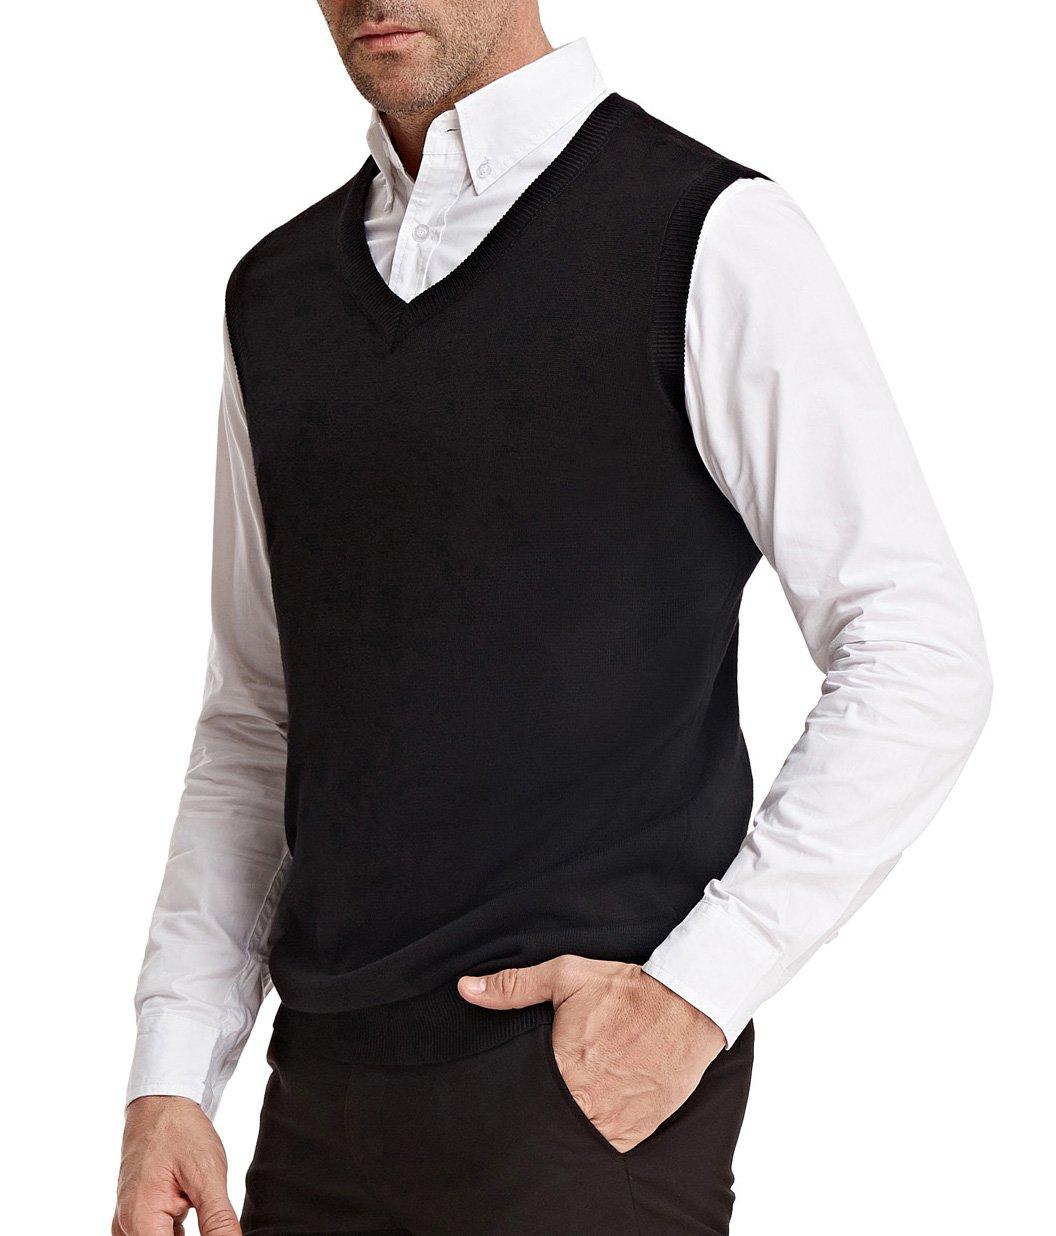 PAUL JONES Men's Soft V-Neck Sweater Vest Waistcoat Sleeveless Size L Black